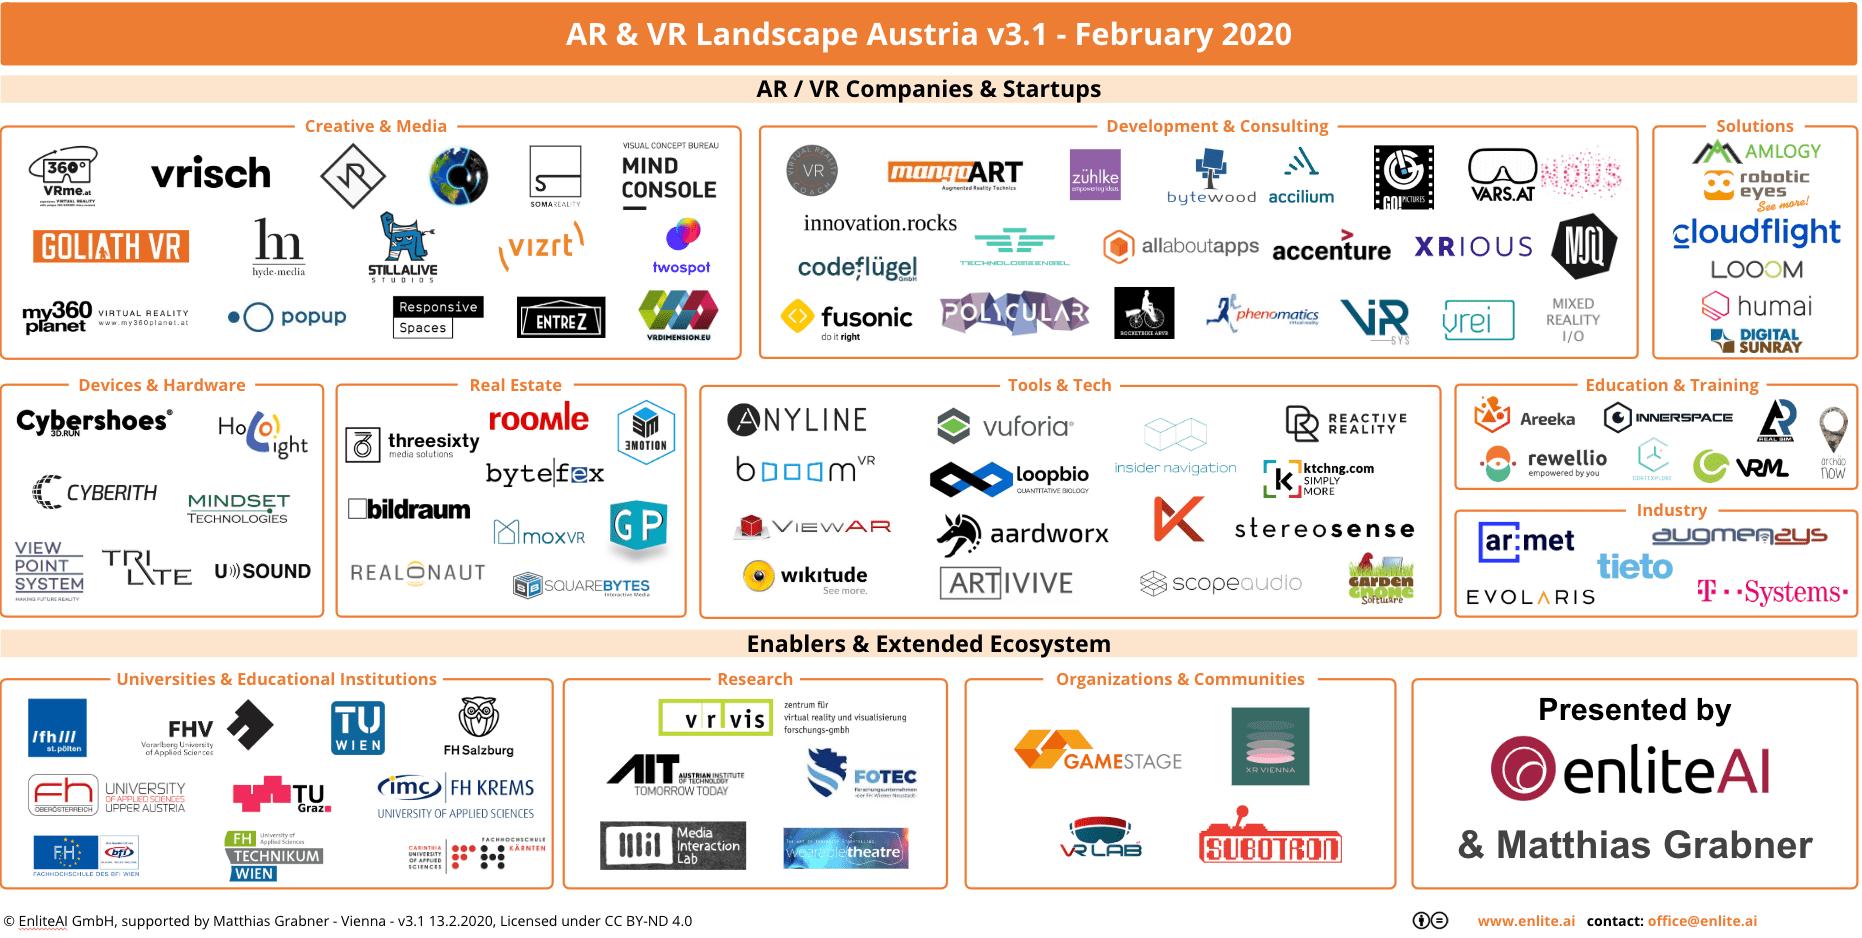 AR/VR Landscape Austria